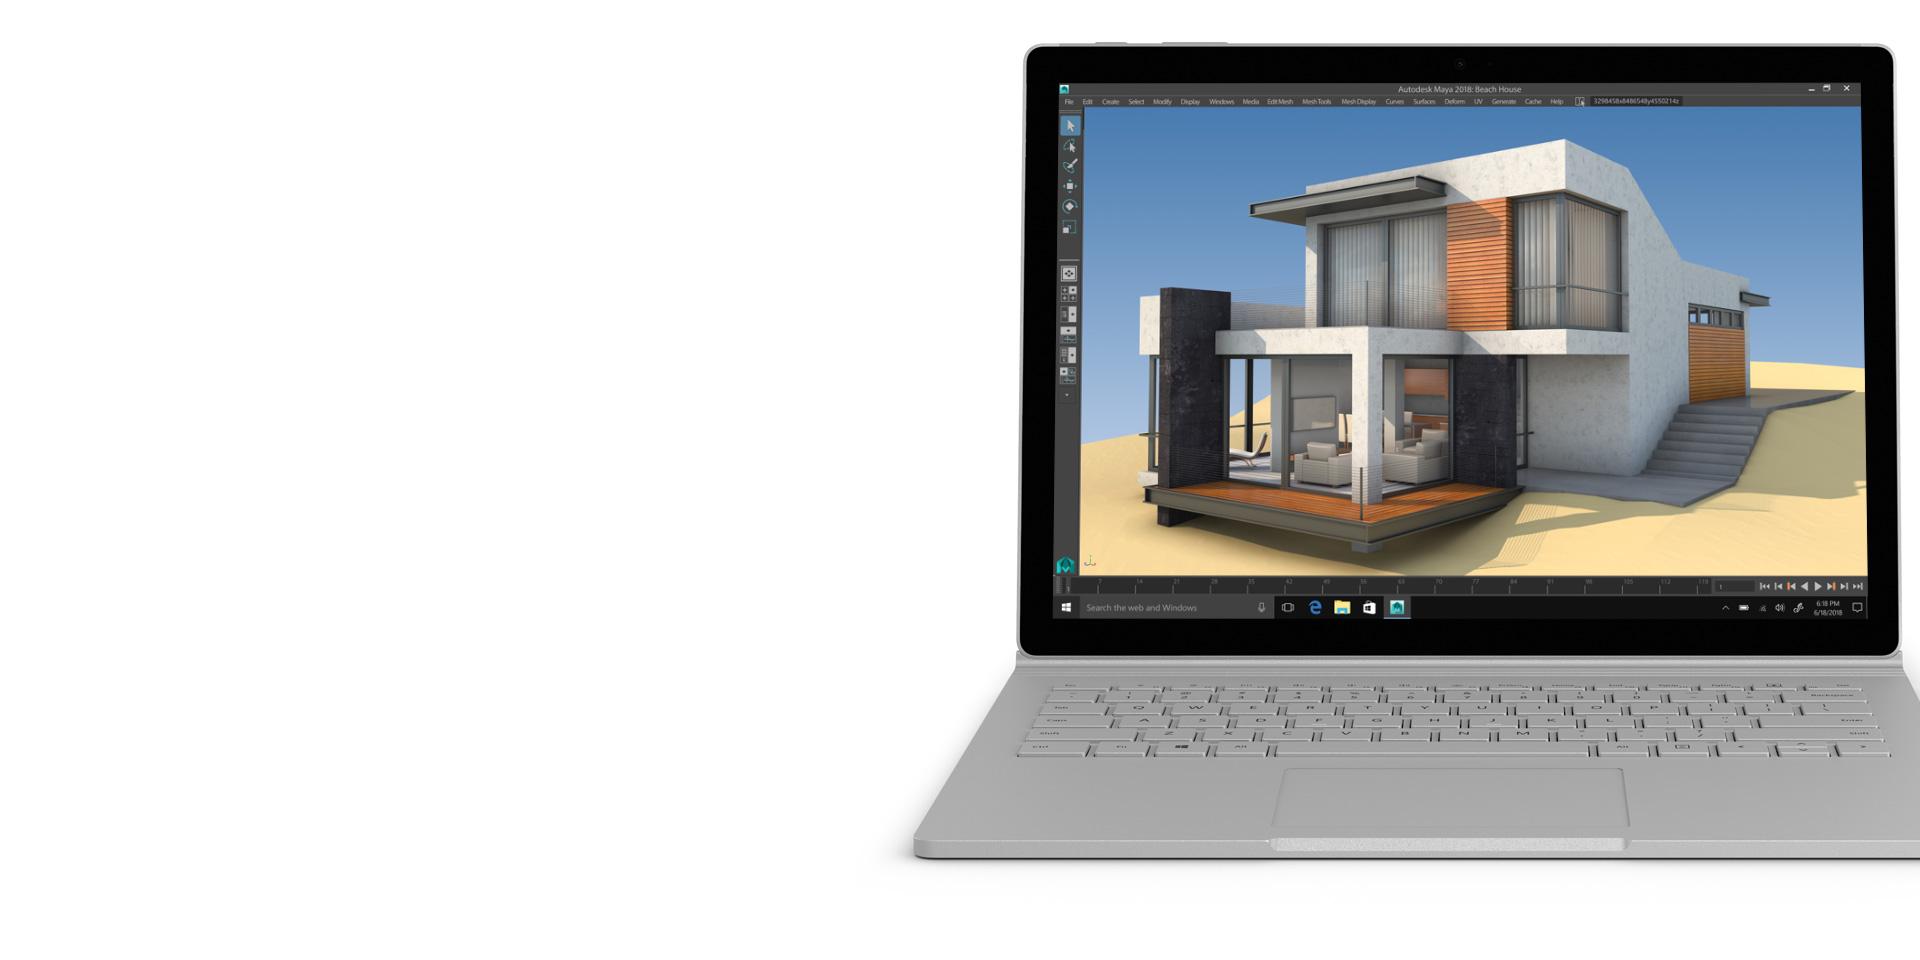 Autodesk Maya na wyświetlaczu urządzenia Surface Book 2